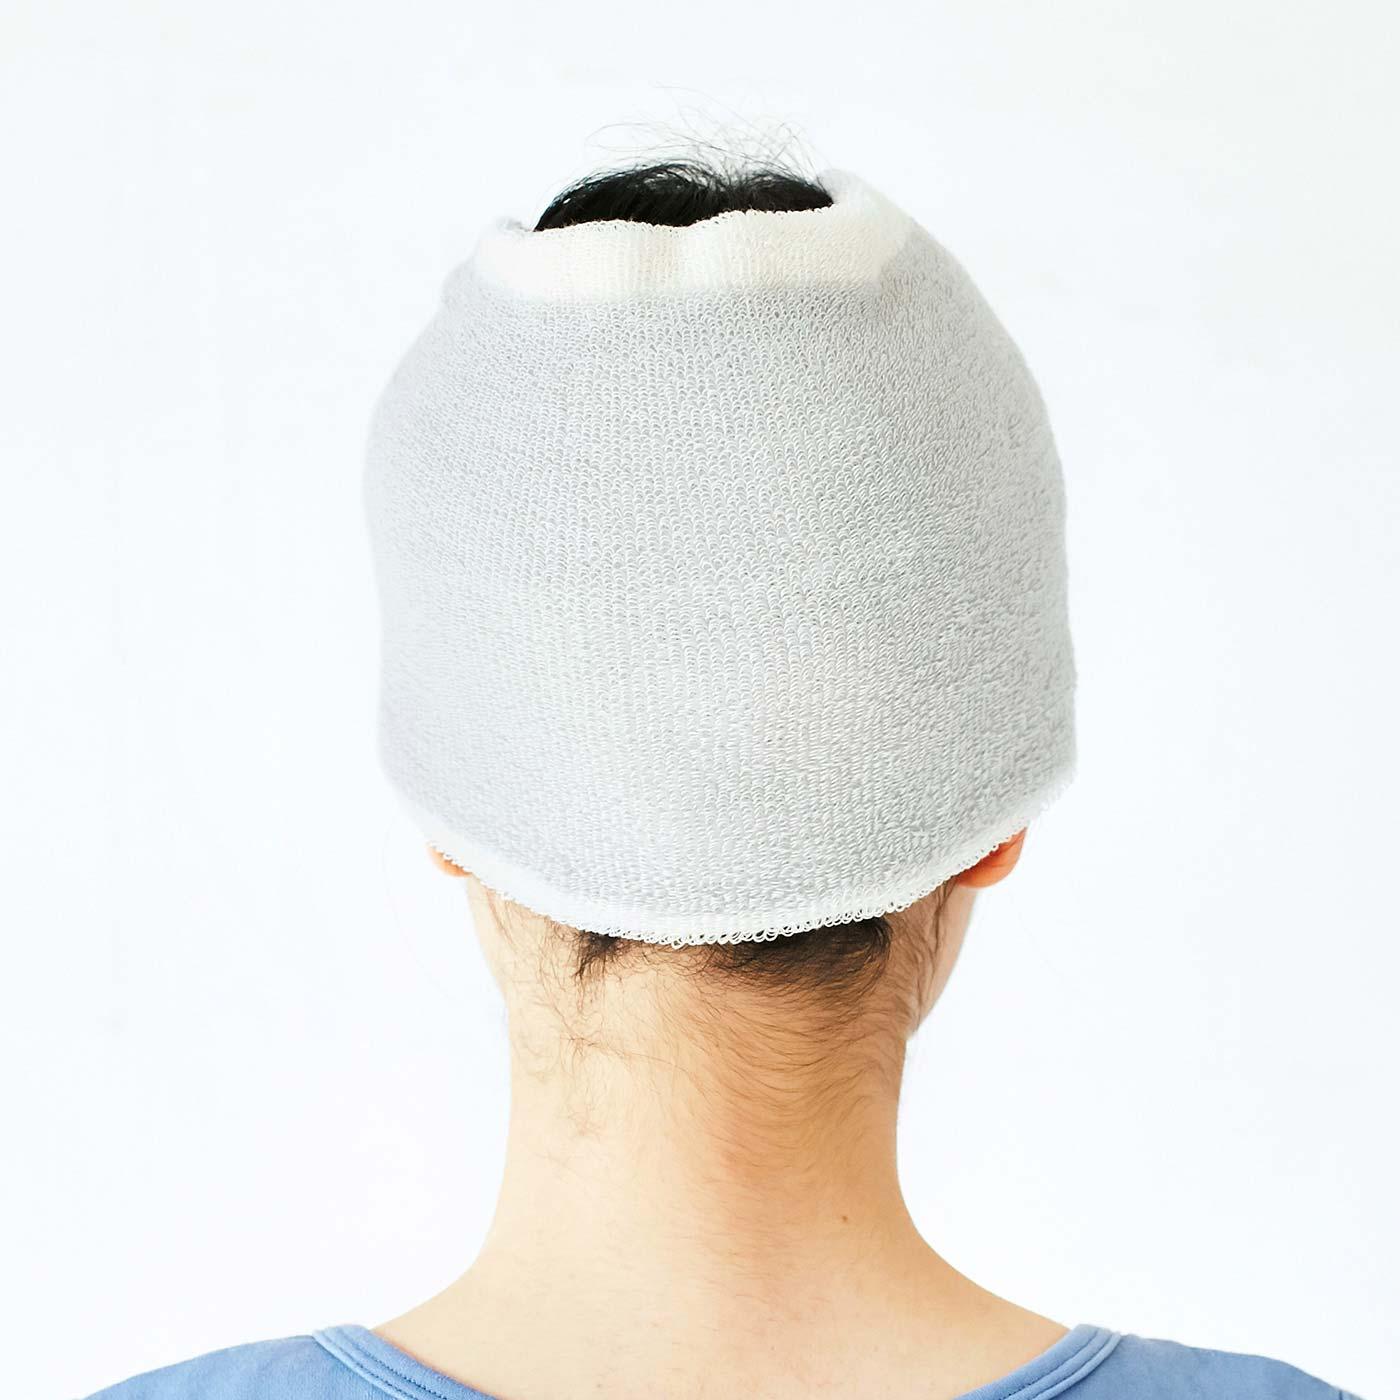 後頭部がワイド設計なので、ロングヘアの後ろ髪や衿足にたまる水分もしっかり吸収。